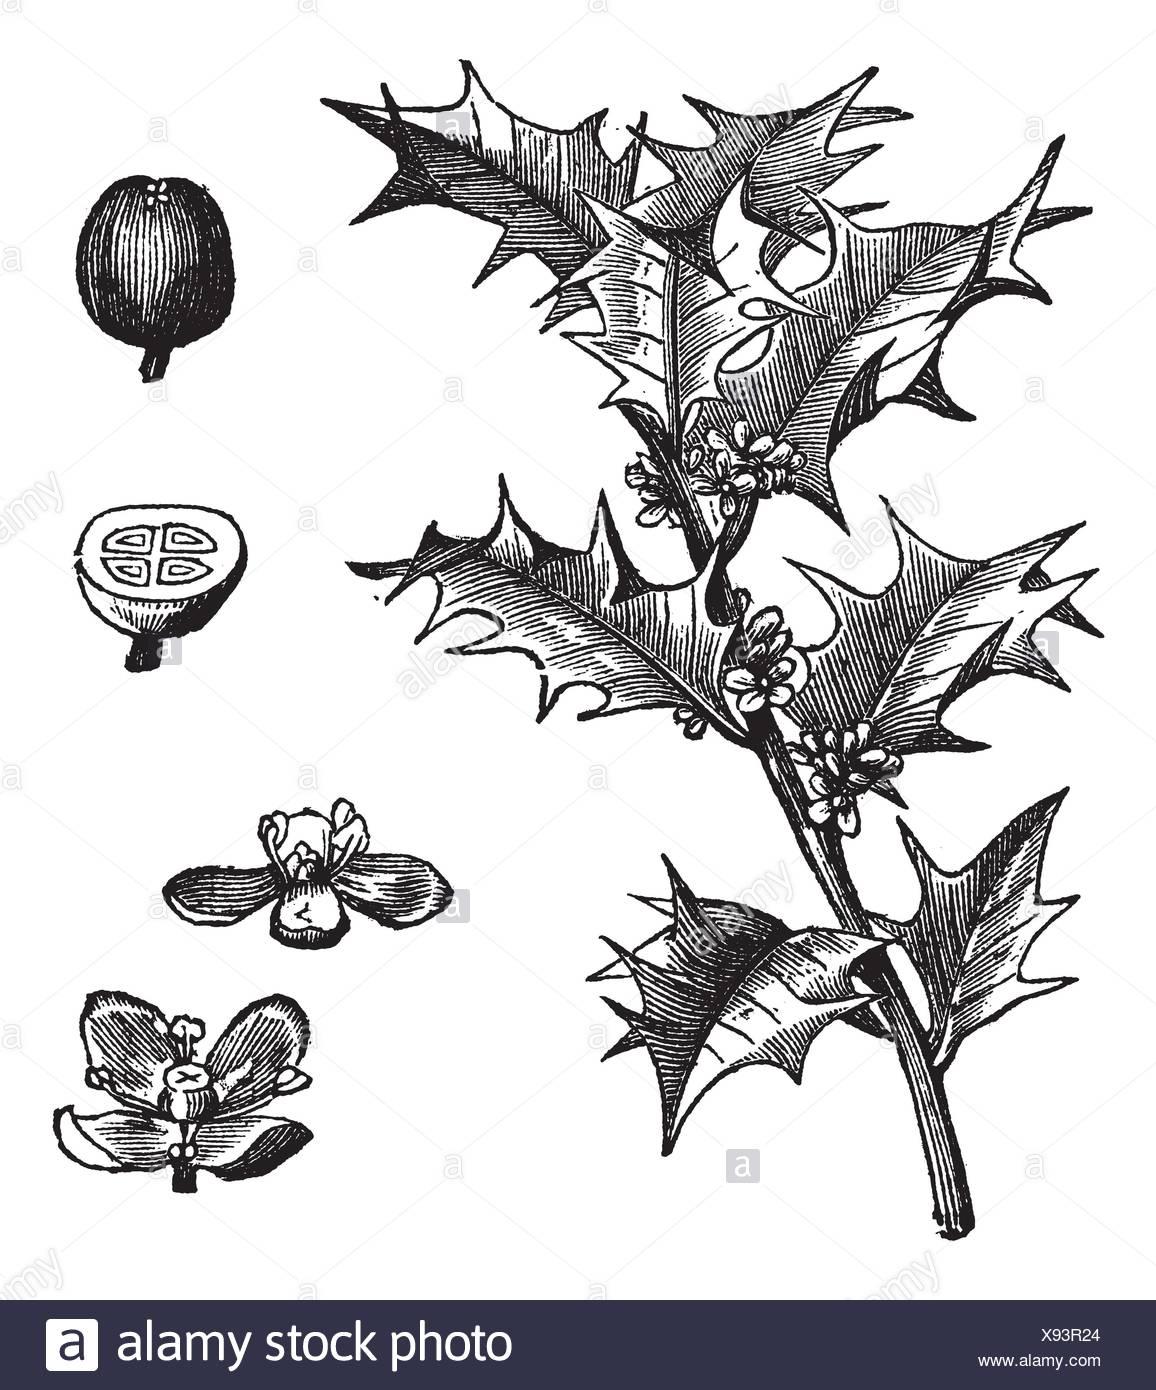 Drawing Holly Imágenes De Stock & Drawing Holly Fotos De Stock - Alamy